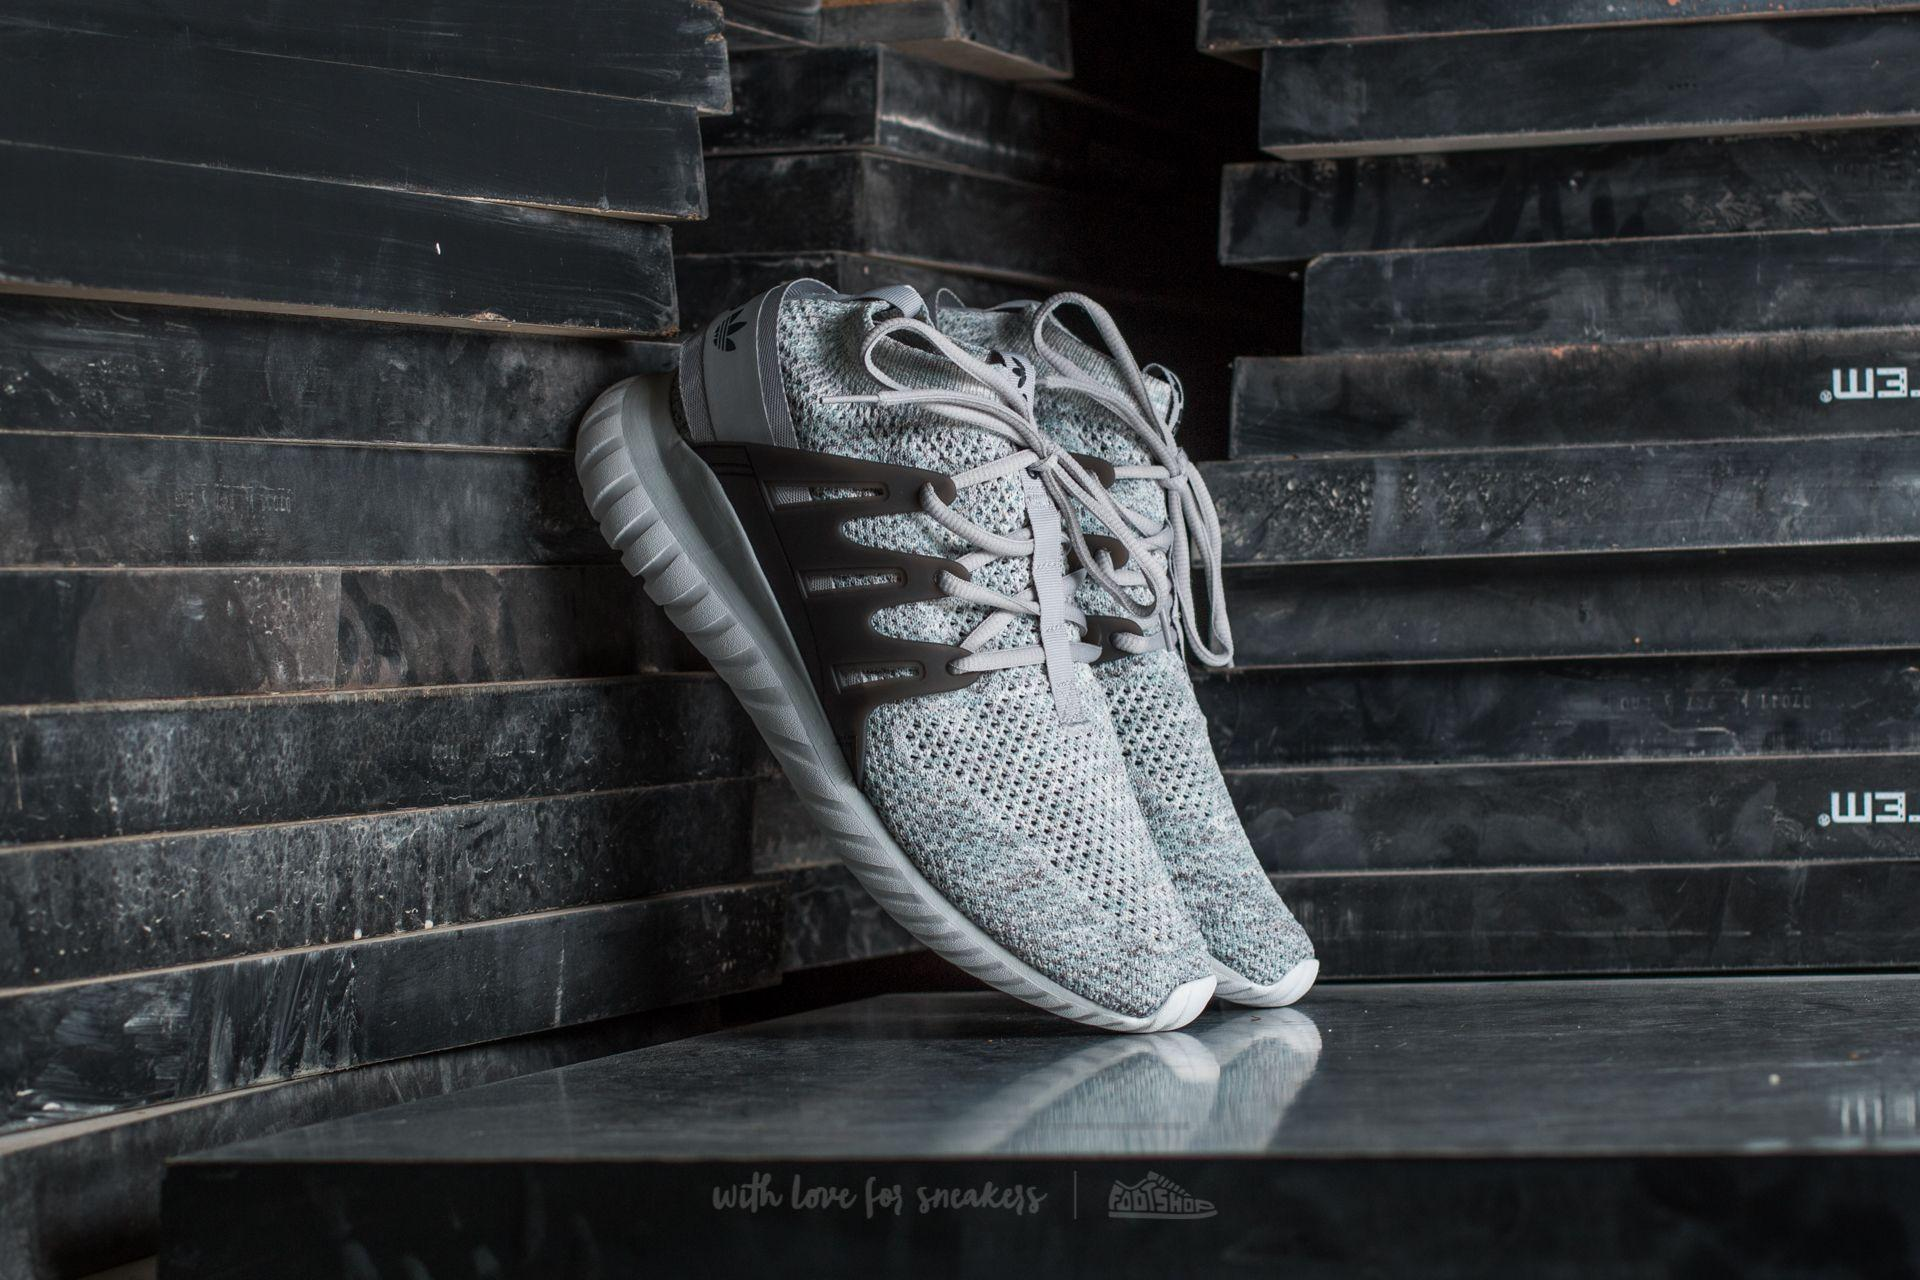 zasznurować Trampki 2018 najlepiej sprzedający się Adidas Originals Gray Adidas Tubular Nova Primeknit Tactile Green/ Light  Solid Grey/ Dark Grey Solid Grey for men